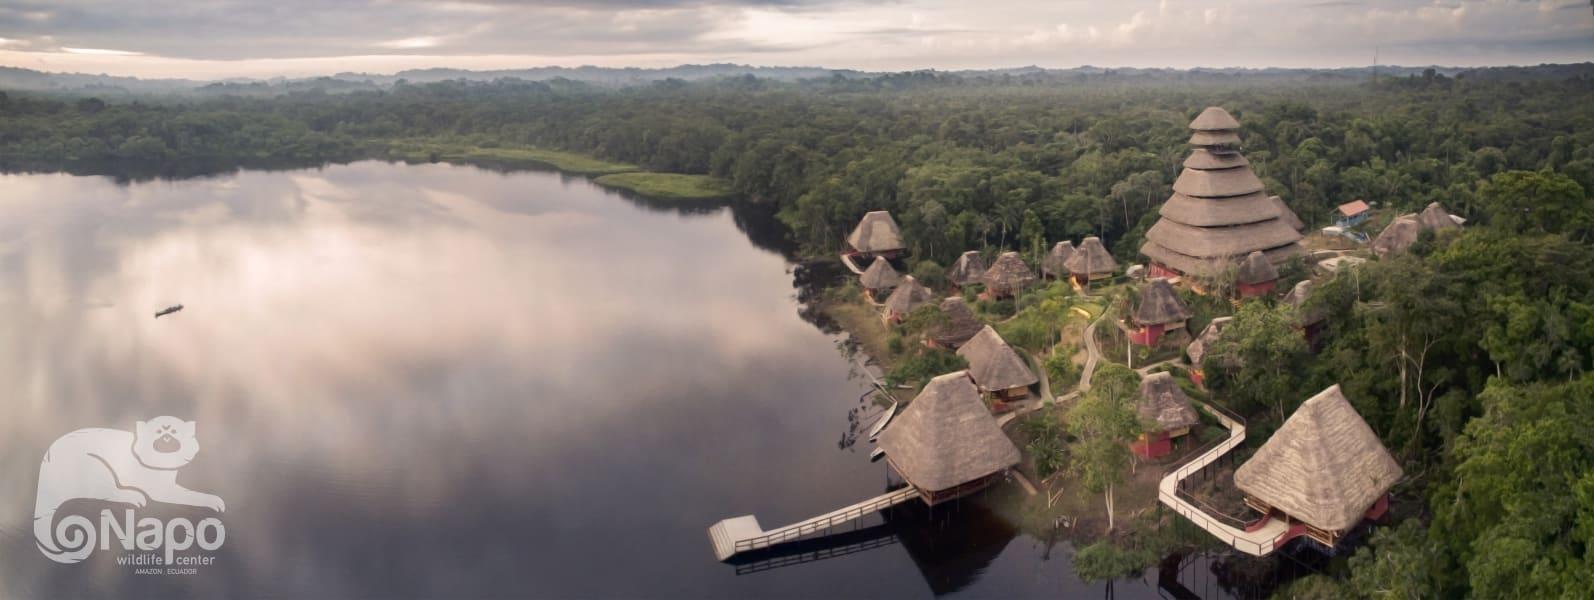 Napo Wildlife Center Ecolodge Napo Wildlife and Ecolodge Experience in Yasuni National Park Yasuni National Park Ecuador undefined